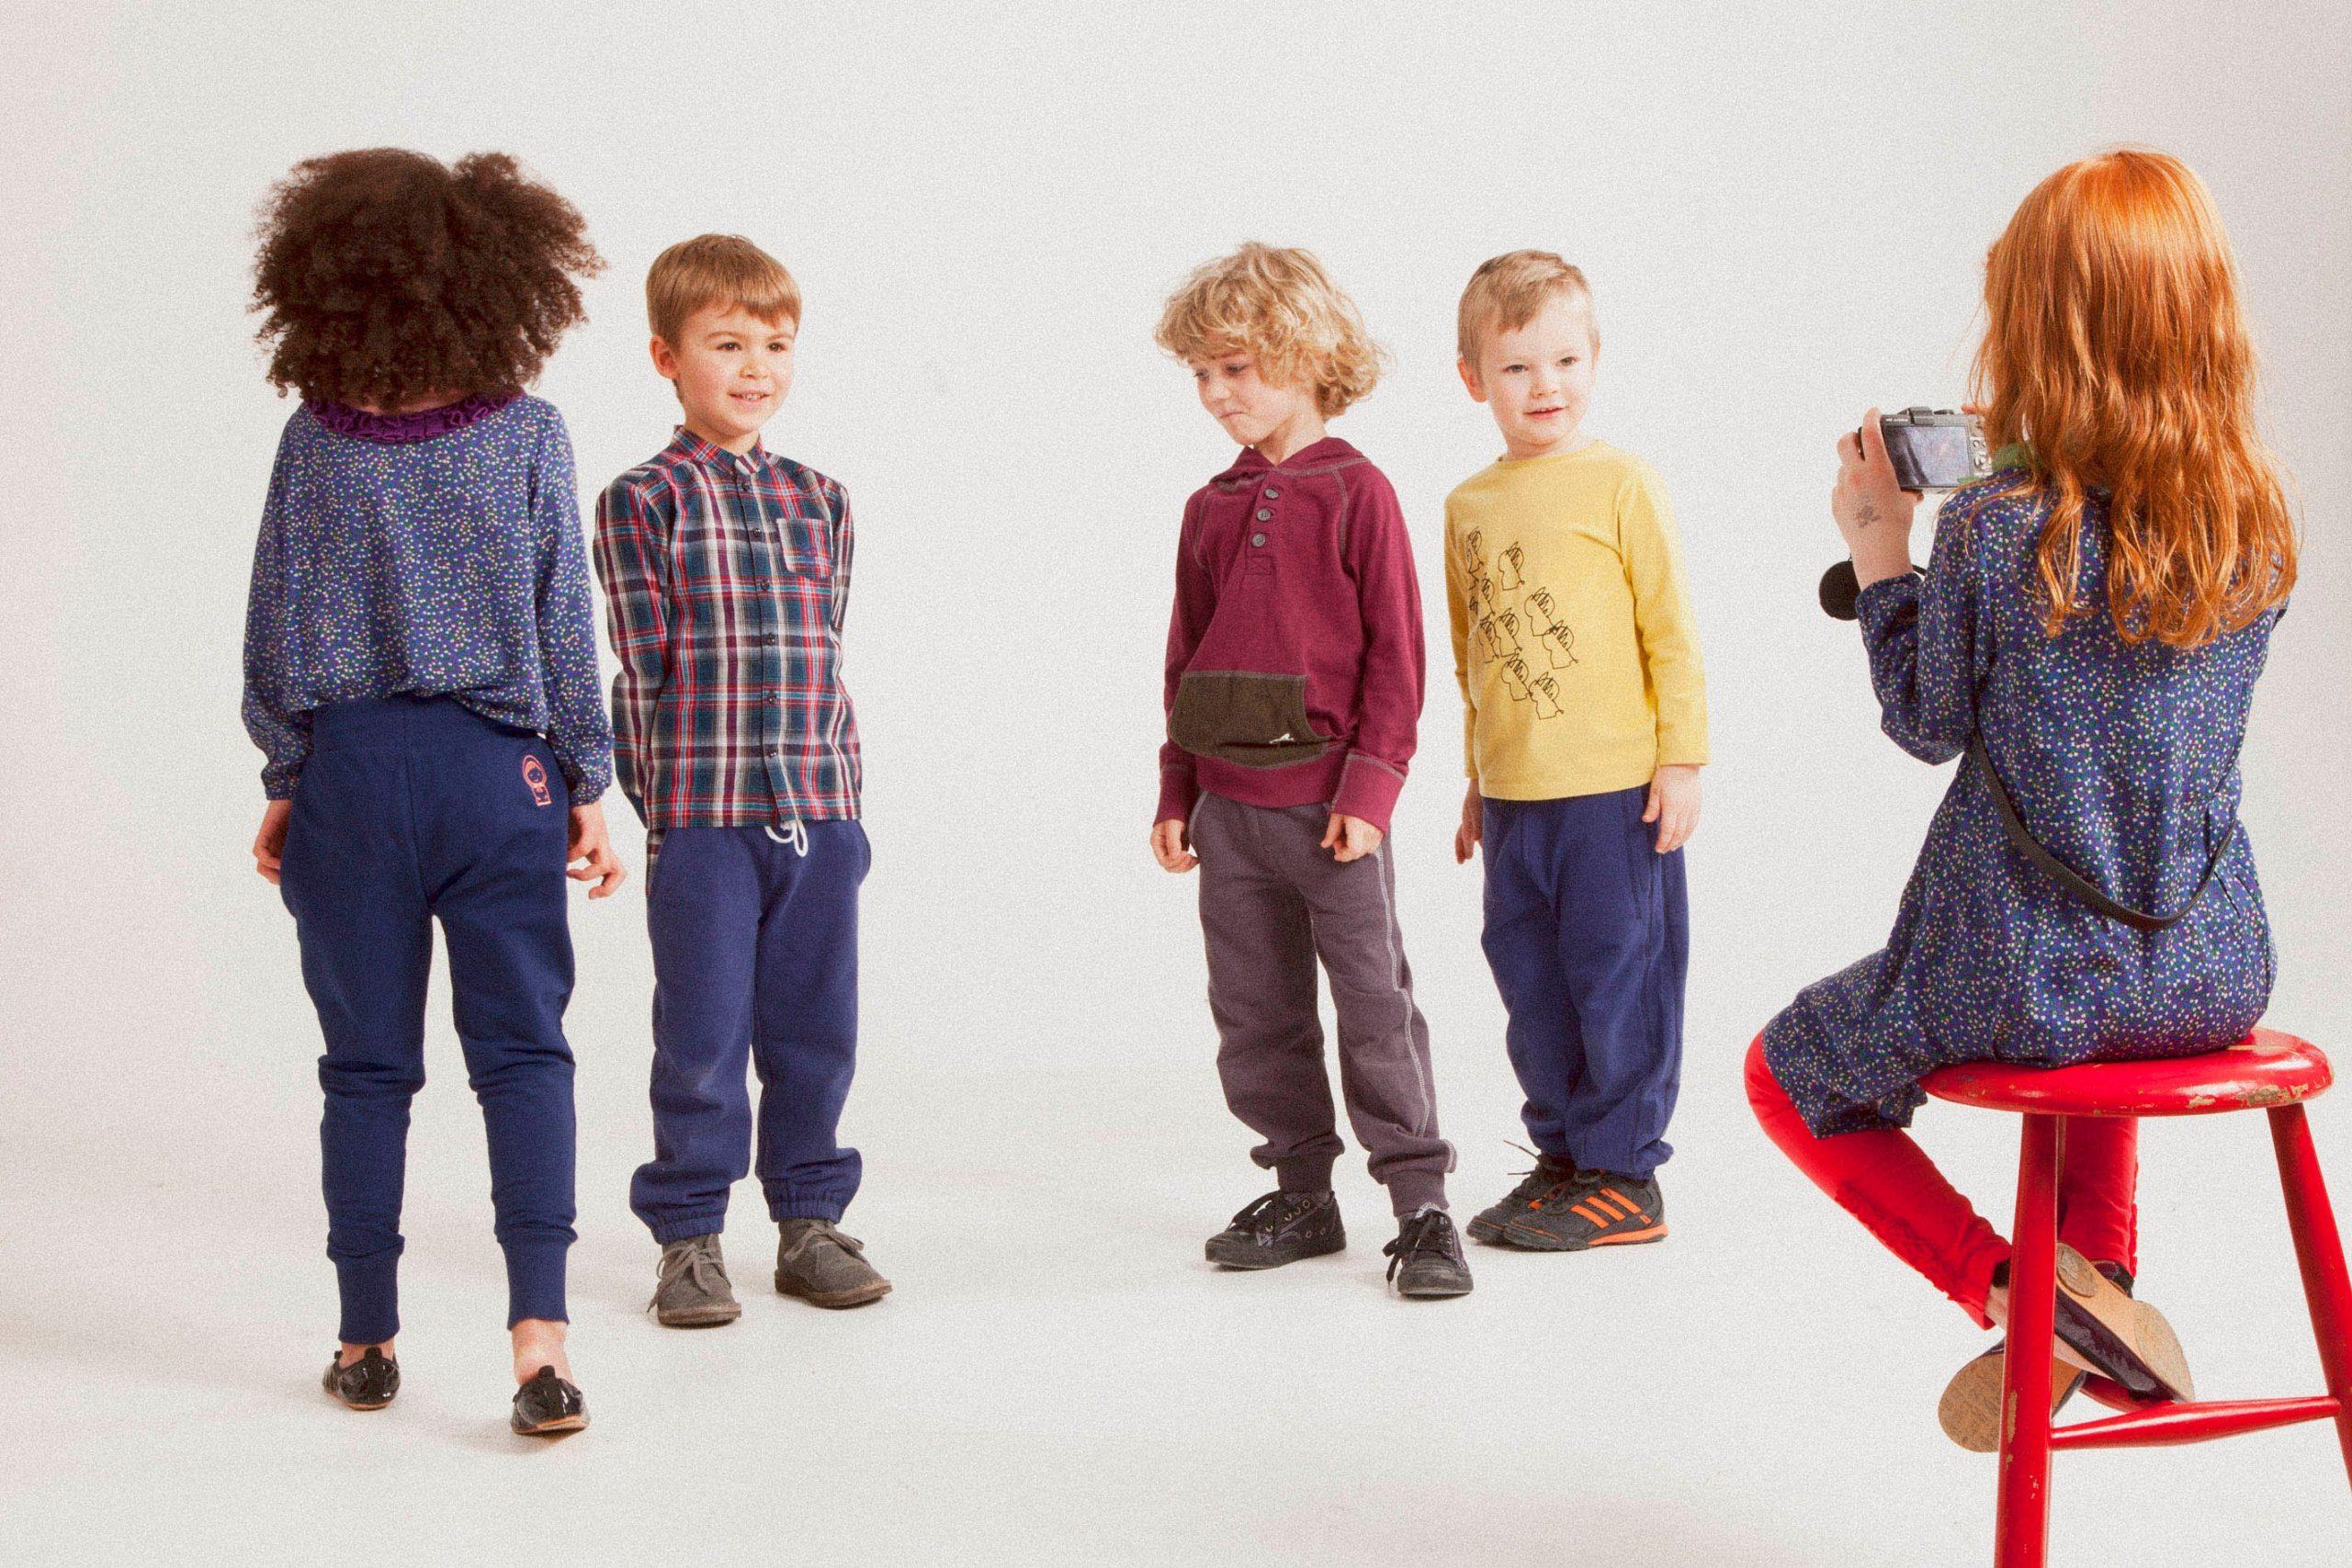 مصانع ملابس تركية للاطفال